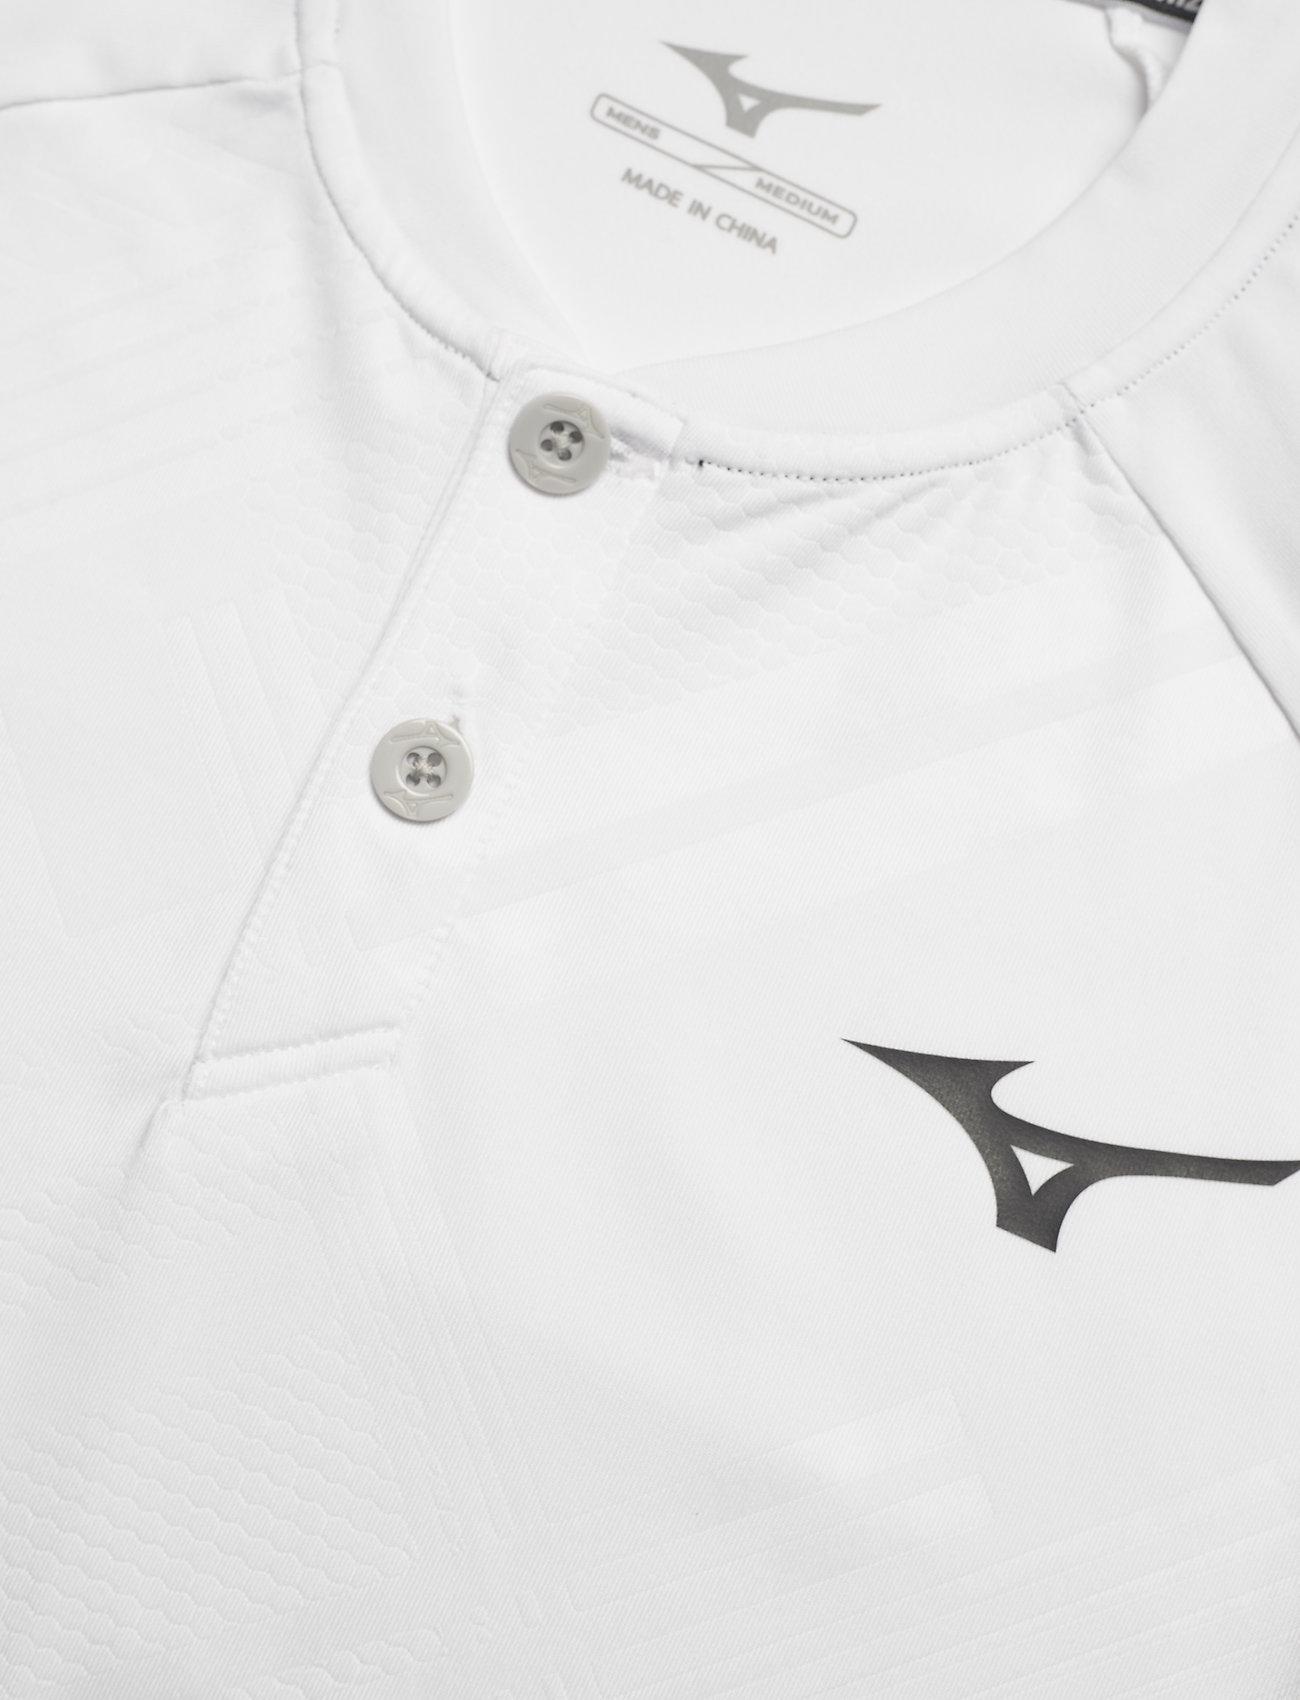 Mizuno Shadow Polo - Poloskjorter WHITE - Menn Klær